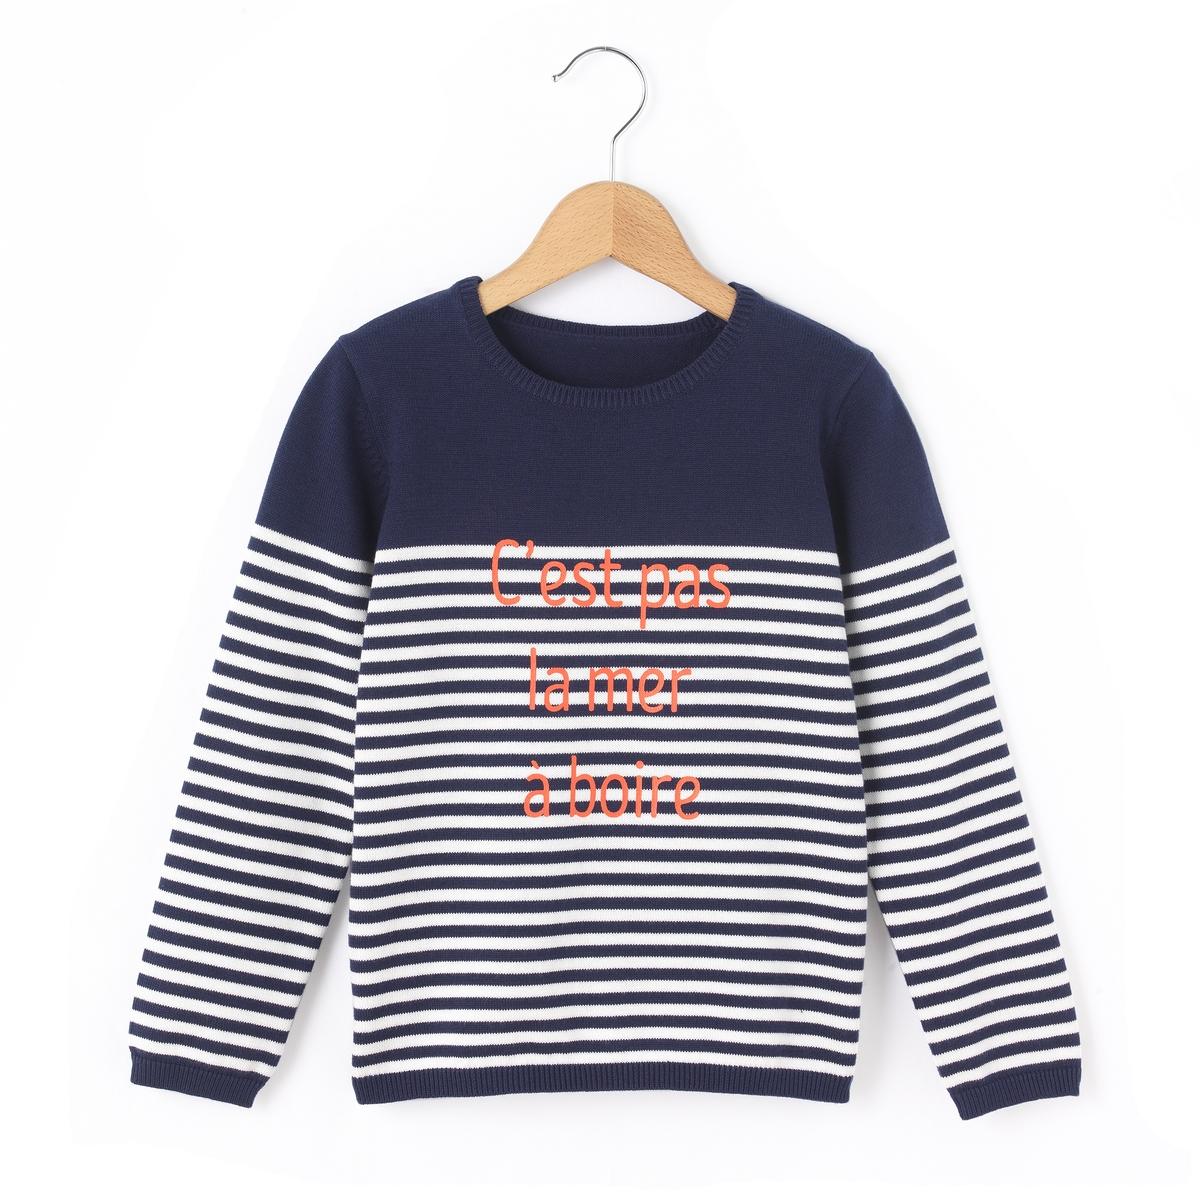 Пуловер с круглым вырезом в морском стиле, 3-12 лет